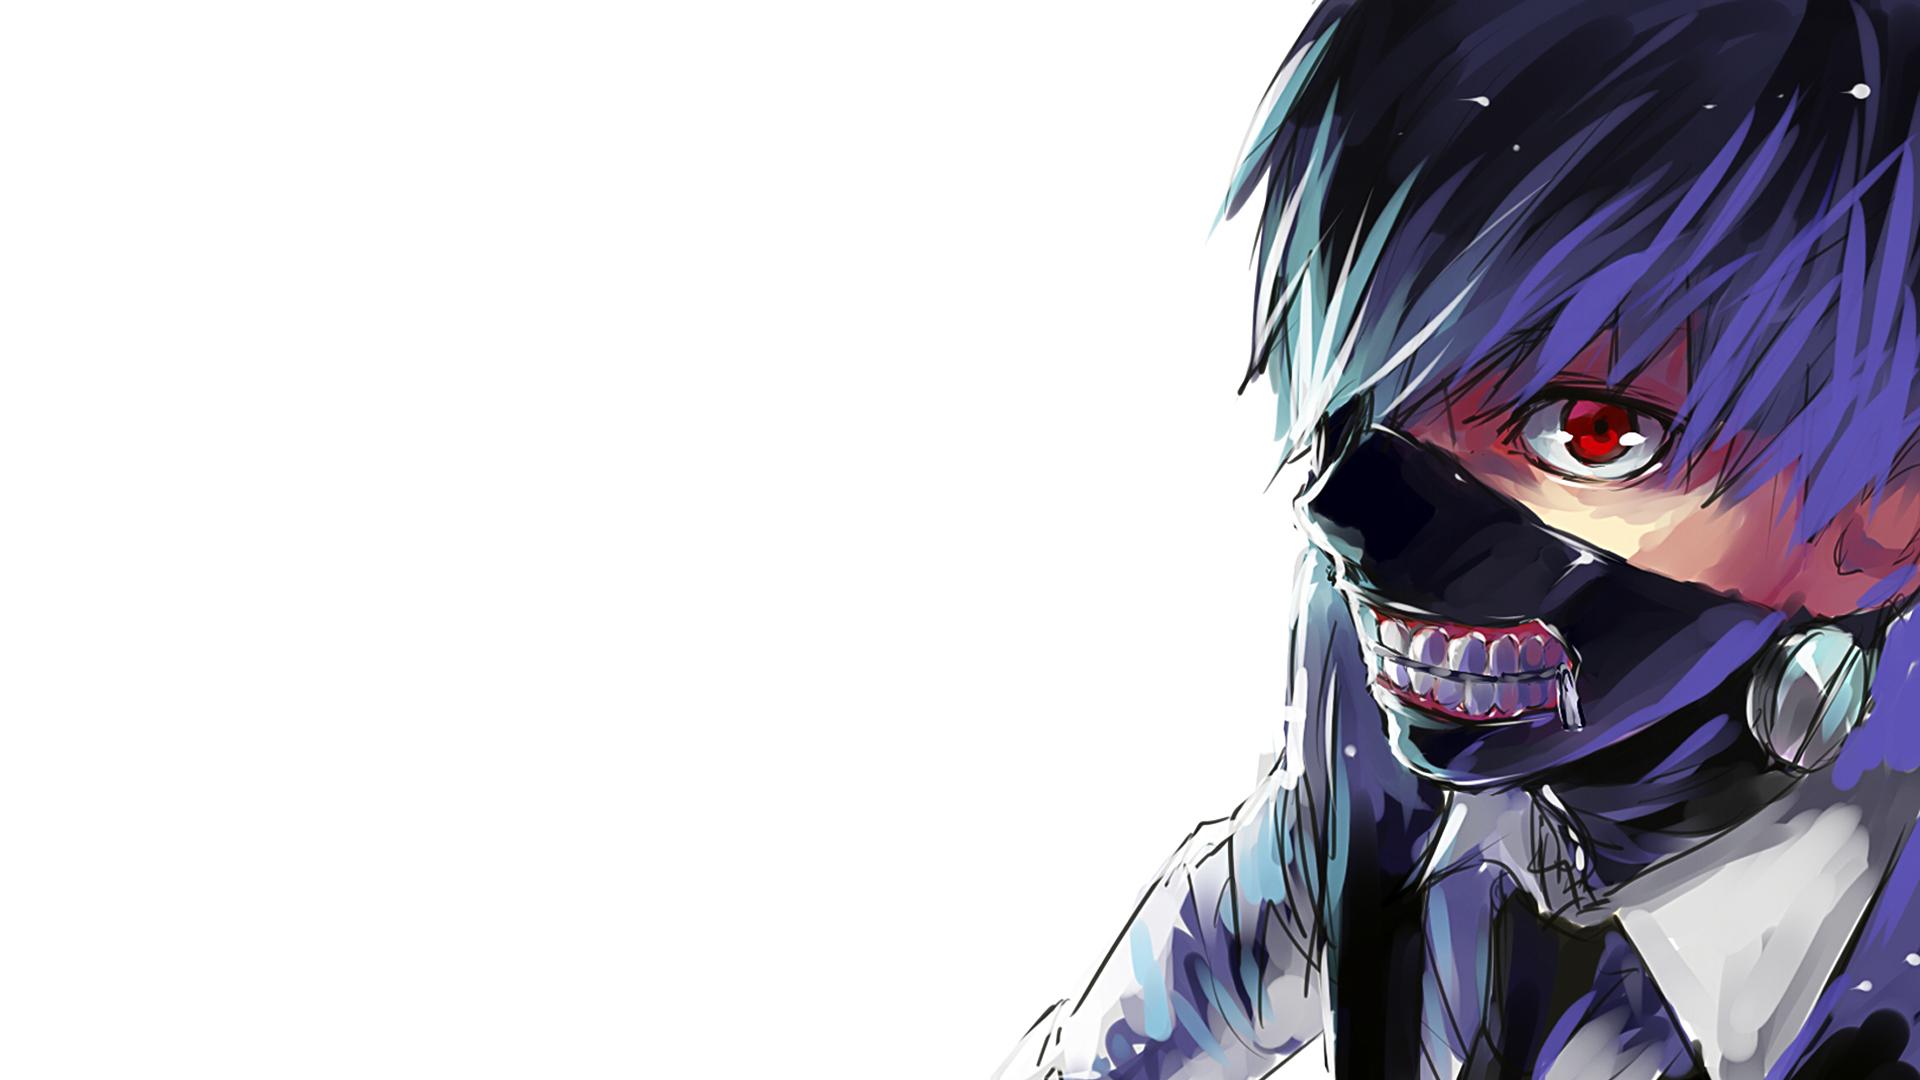 Tokyo ghoul kaneki ken anime 1080p 2k 4k 5k hd wallpapers. Tokyo Ghoul Wallpapers High Quality | Download Free